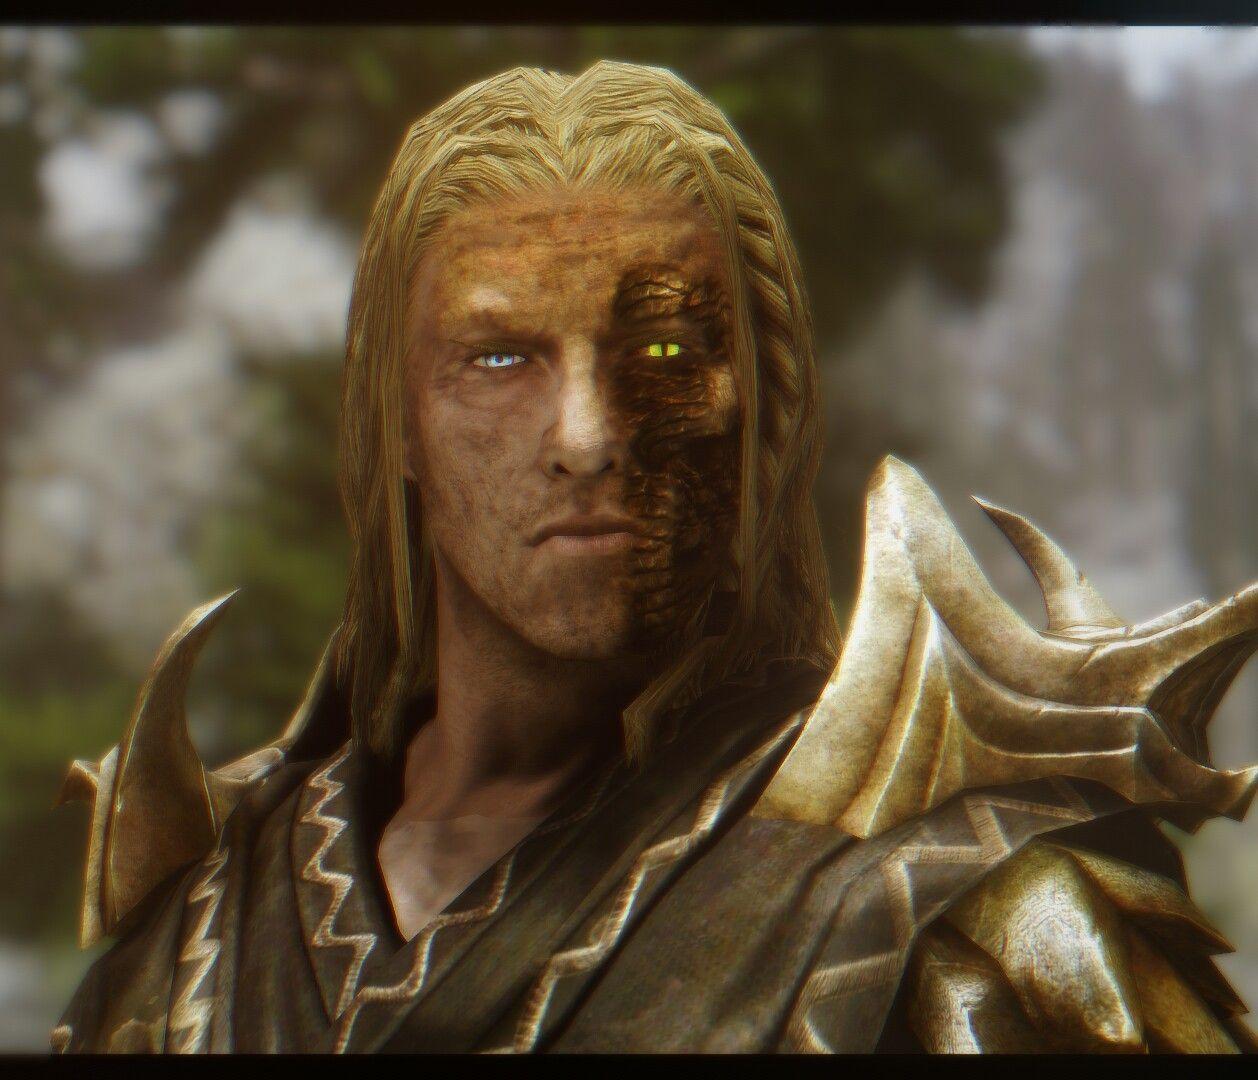 Mod Miraak Follower Elder Scrolls Art Elder Scrolls Lore Elder Scrolls